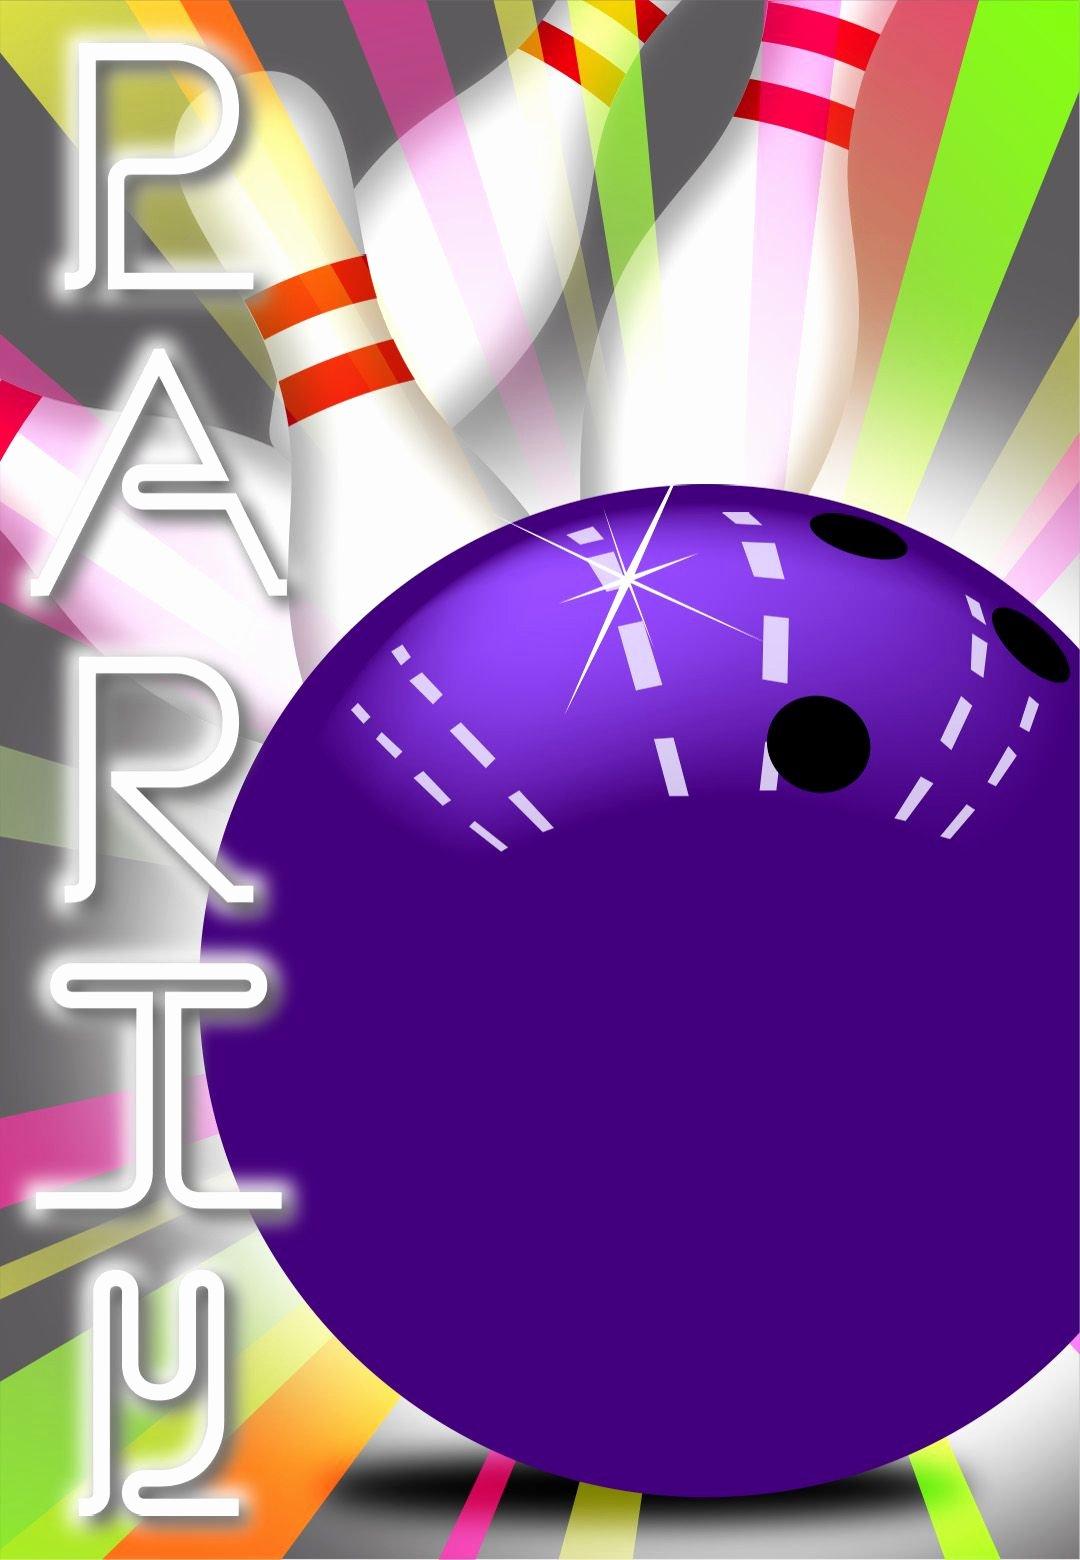 Bowling Invitation Template Free Luxury Strike Bowling Free Printable Birthday Invitation